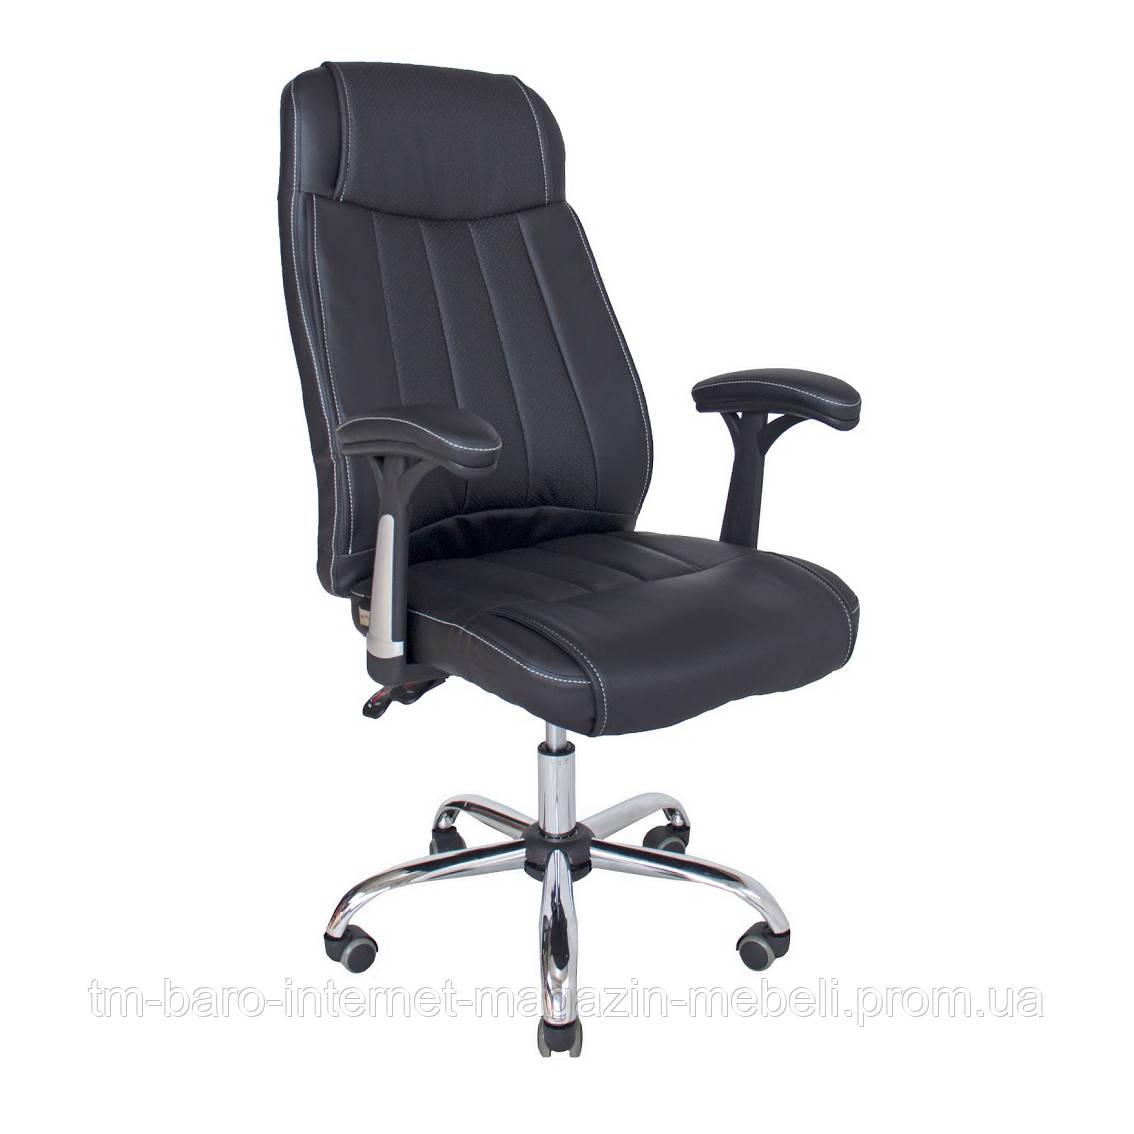 Кресло Фабио черный, Richman